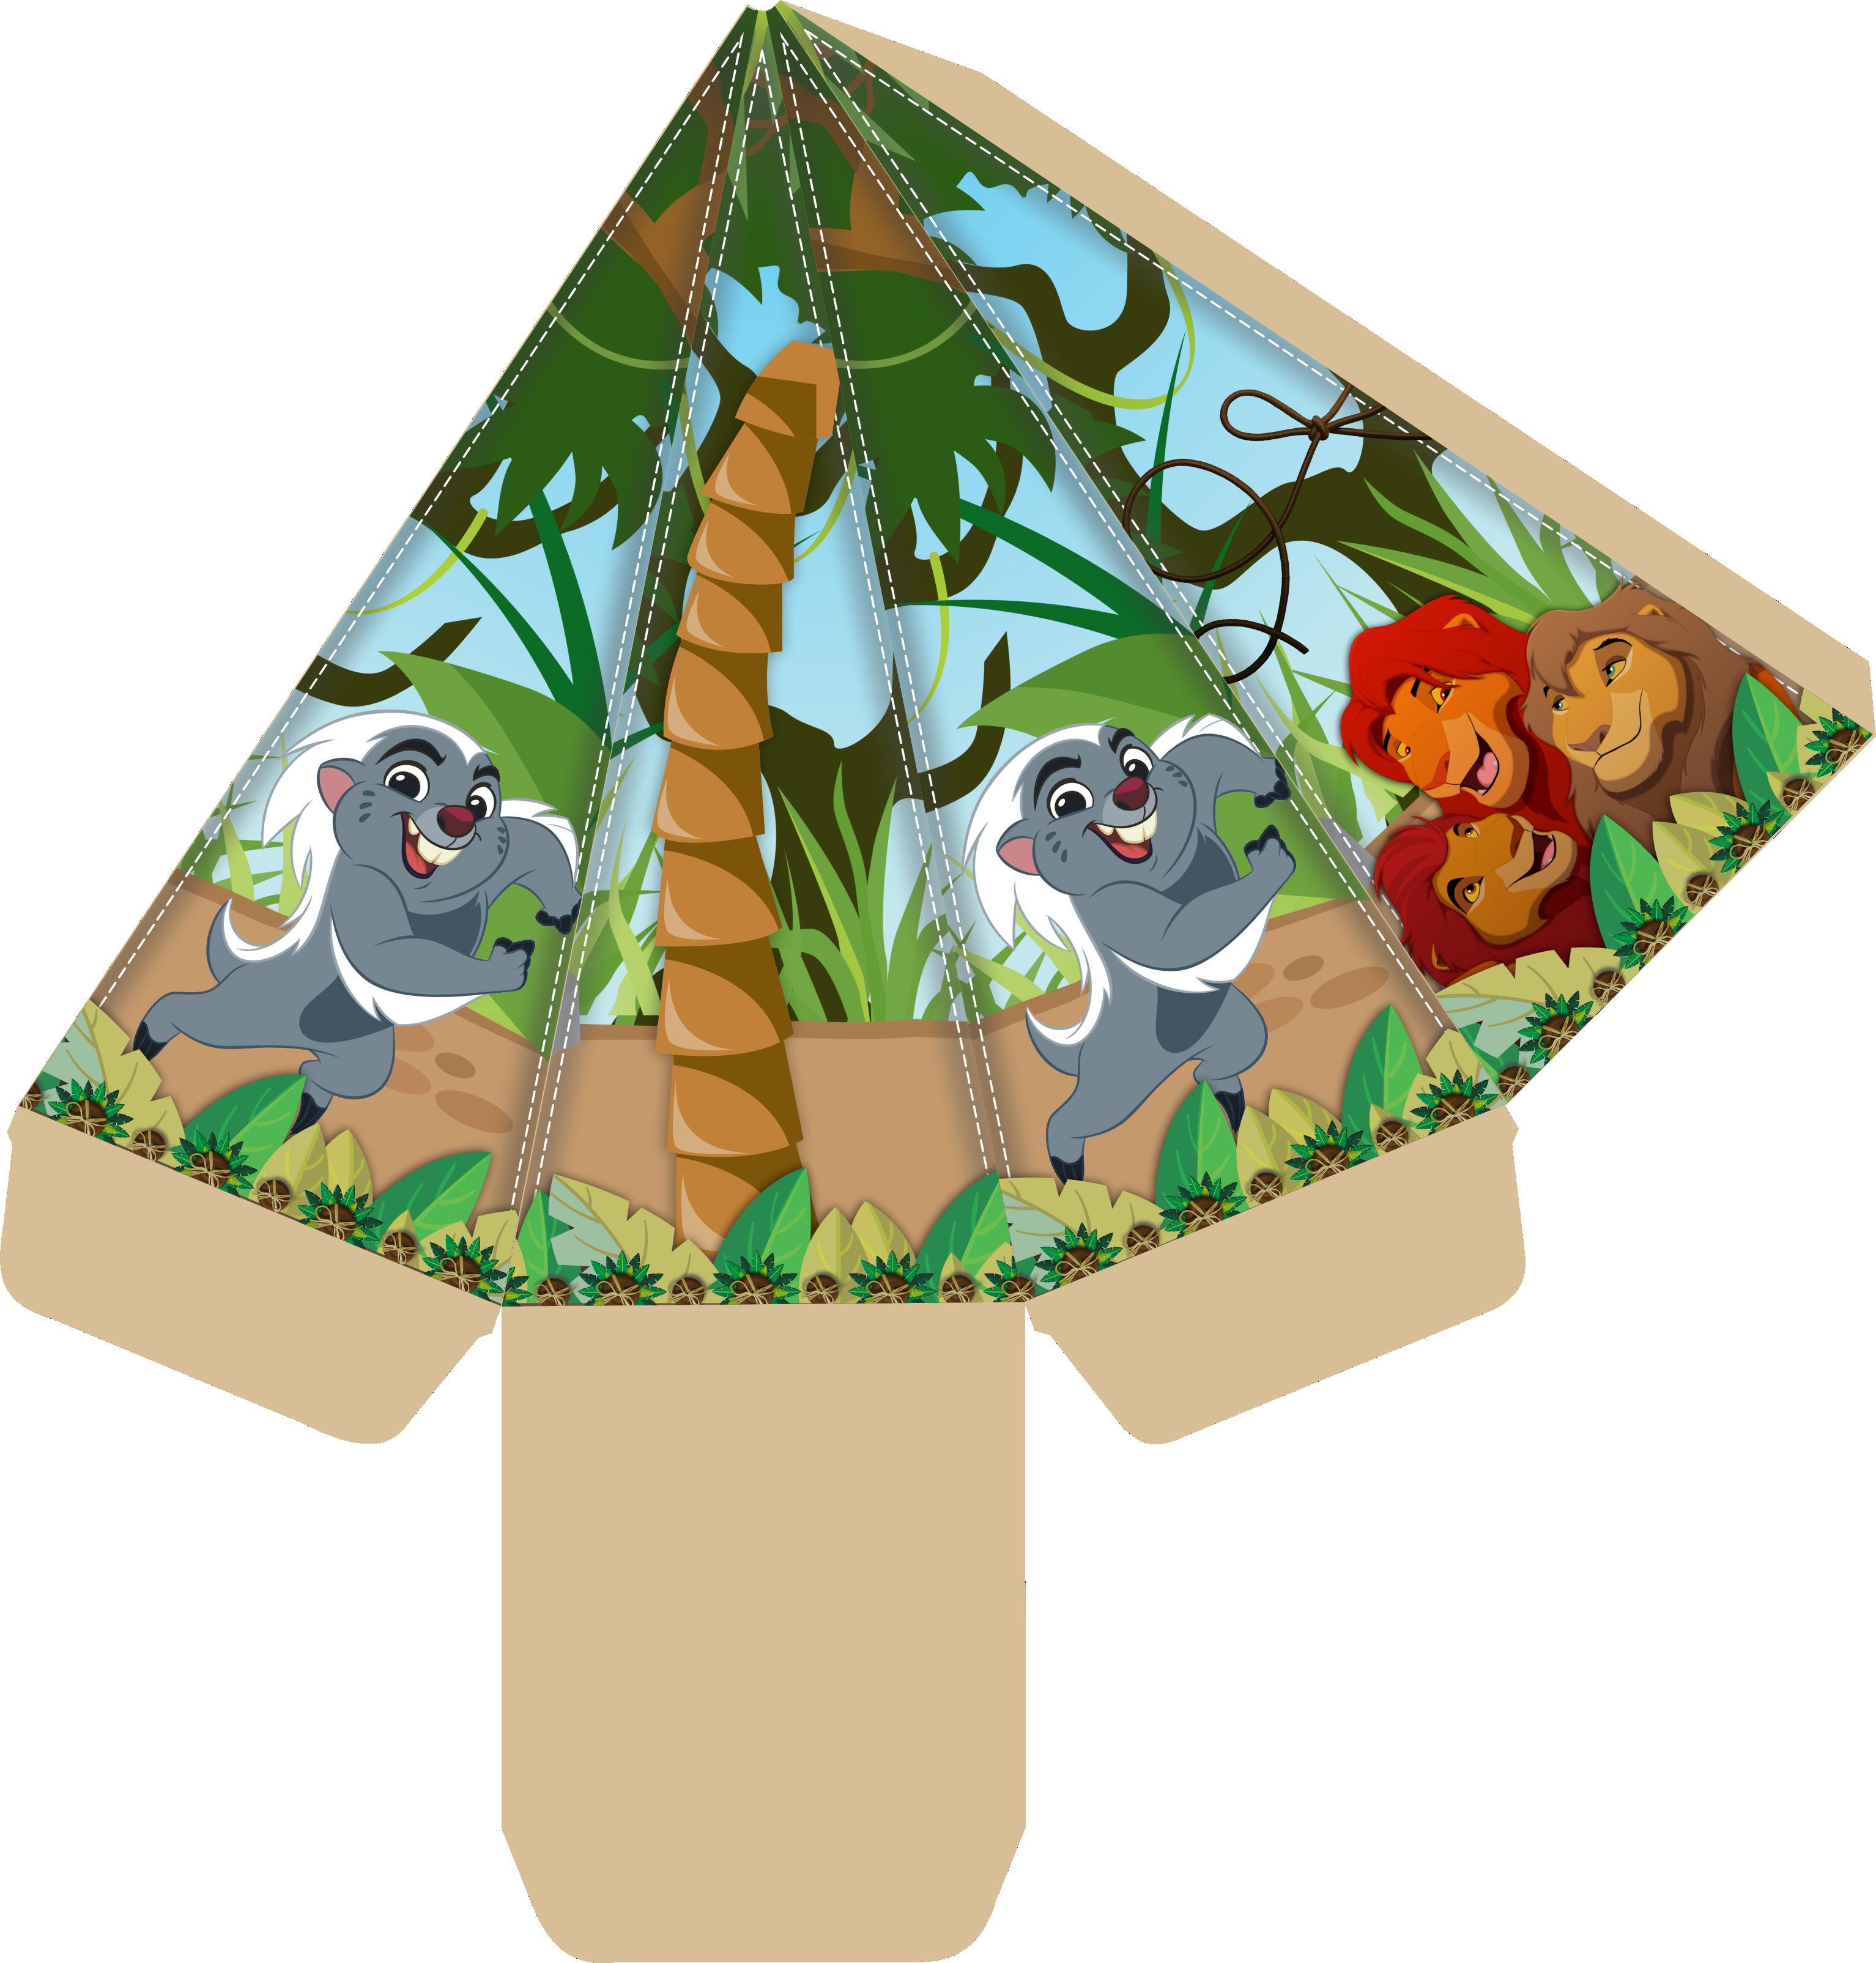 caixa cone guarda do leao